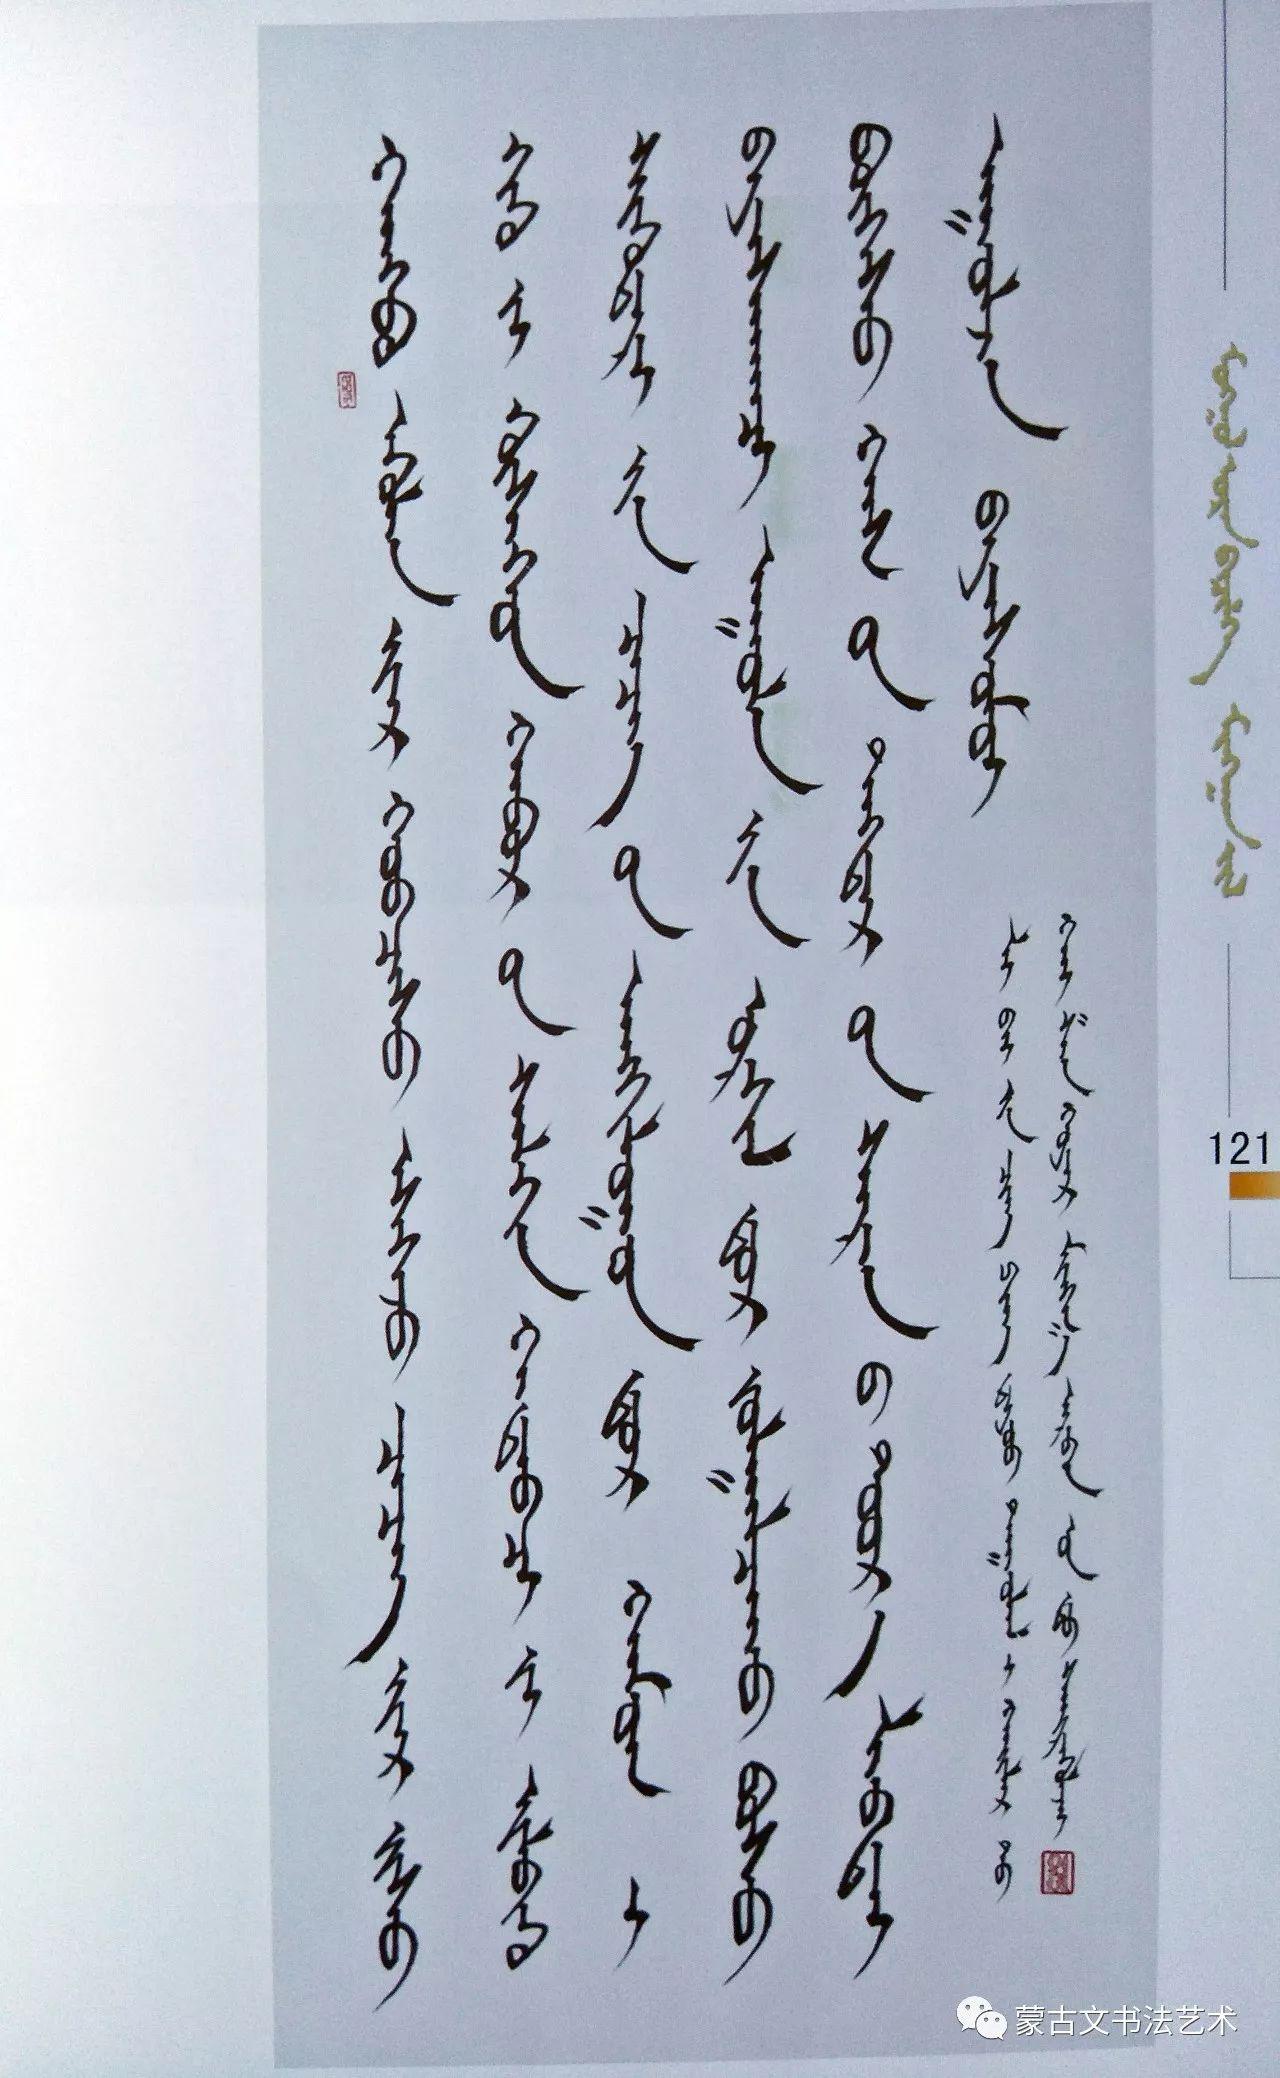 千年蒙古文书法 第6张